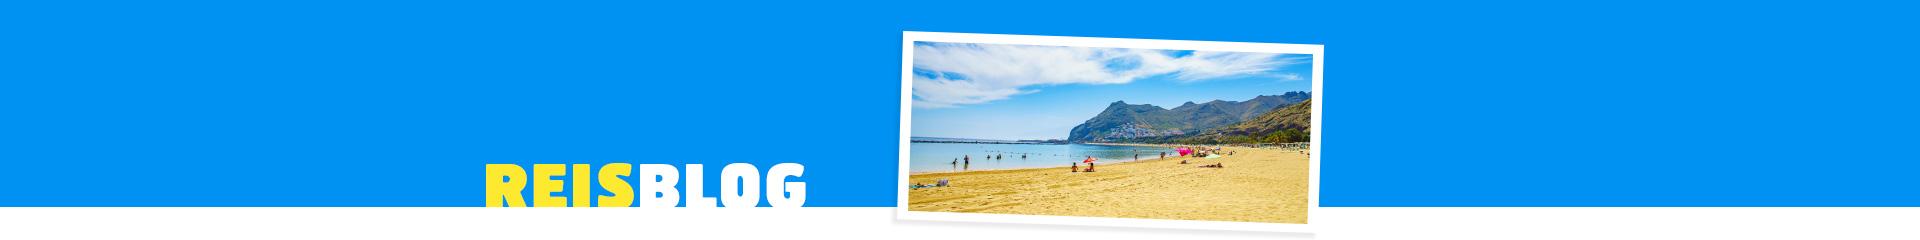 Strtand met vakangtiegangers met prachtig blauwe zee.